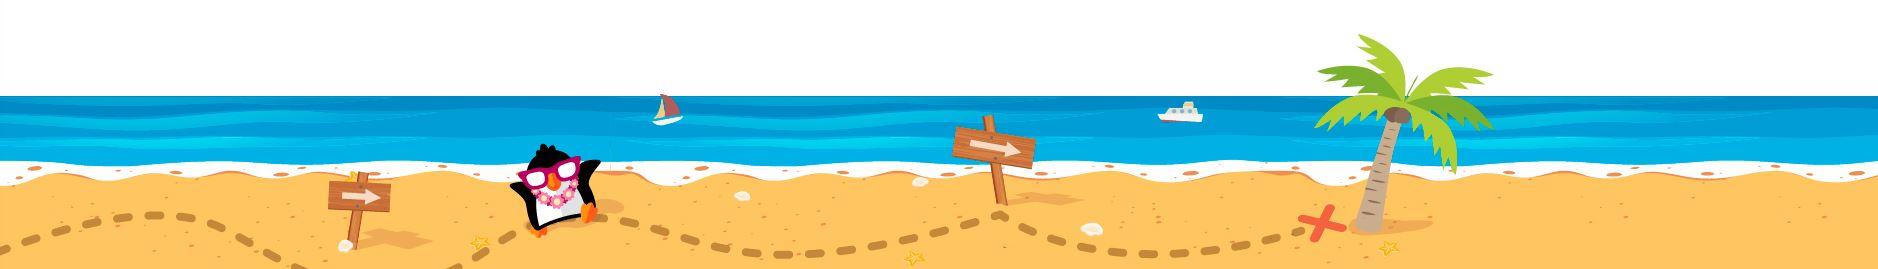 boa boa casino strand